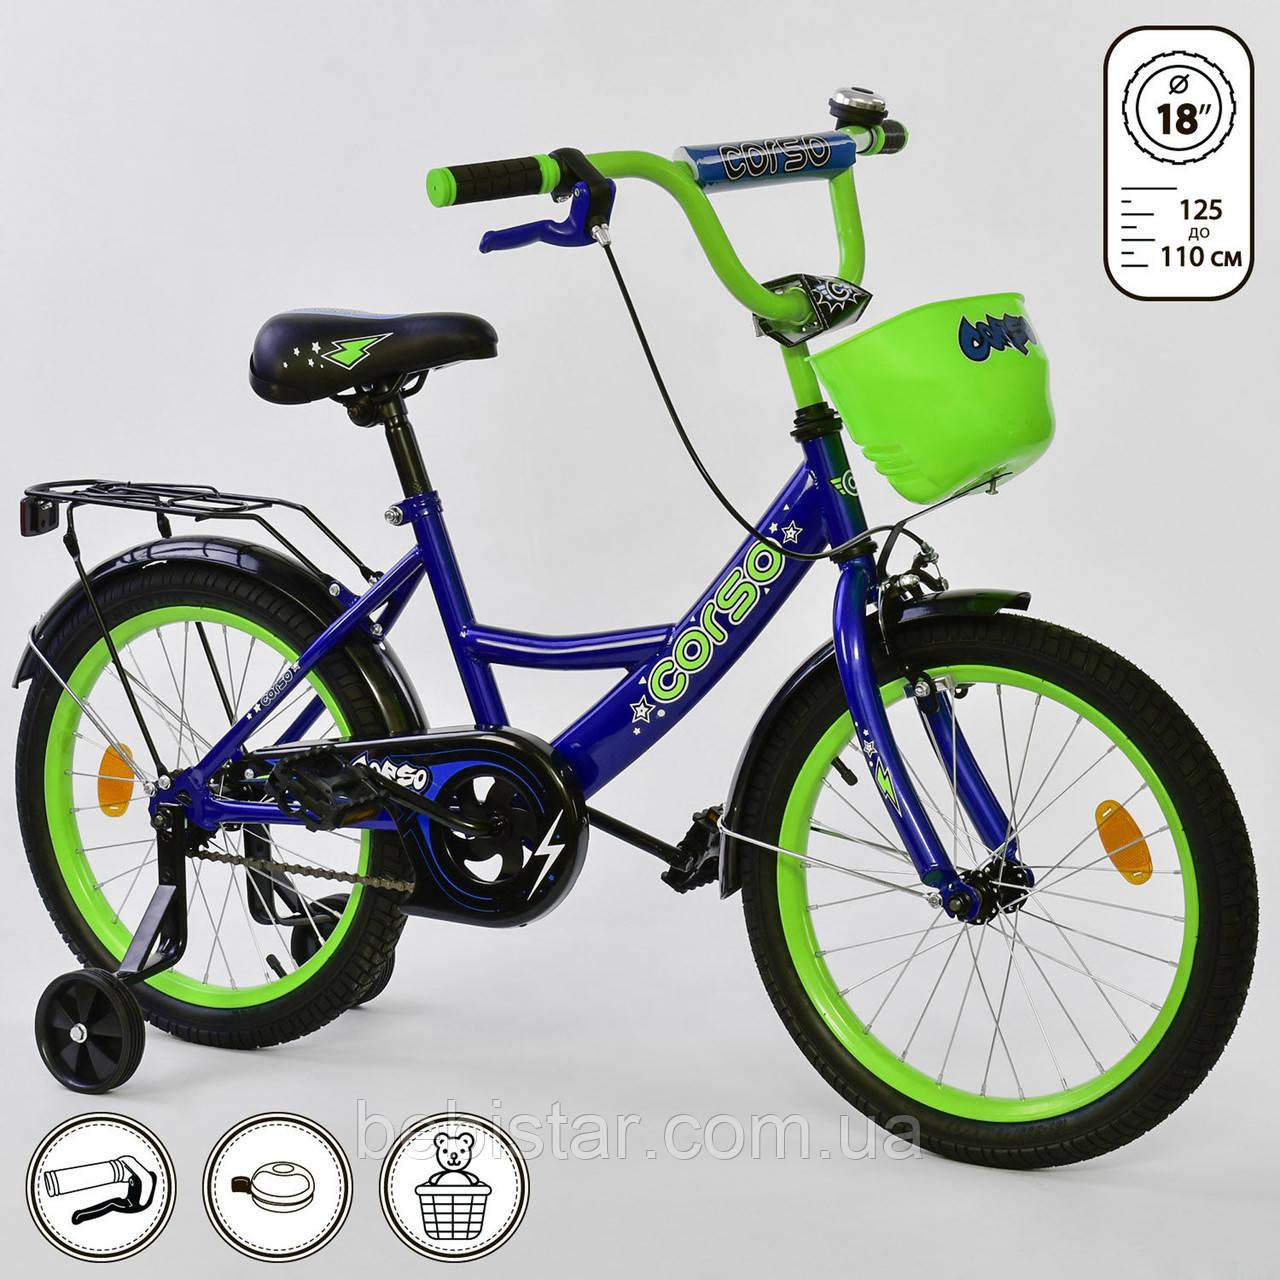 """Дитячий двоколісний велосипед синій, додаткові колеса, ручне гальмо Corso 18"""" дітям 5-7 років"""